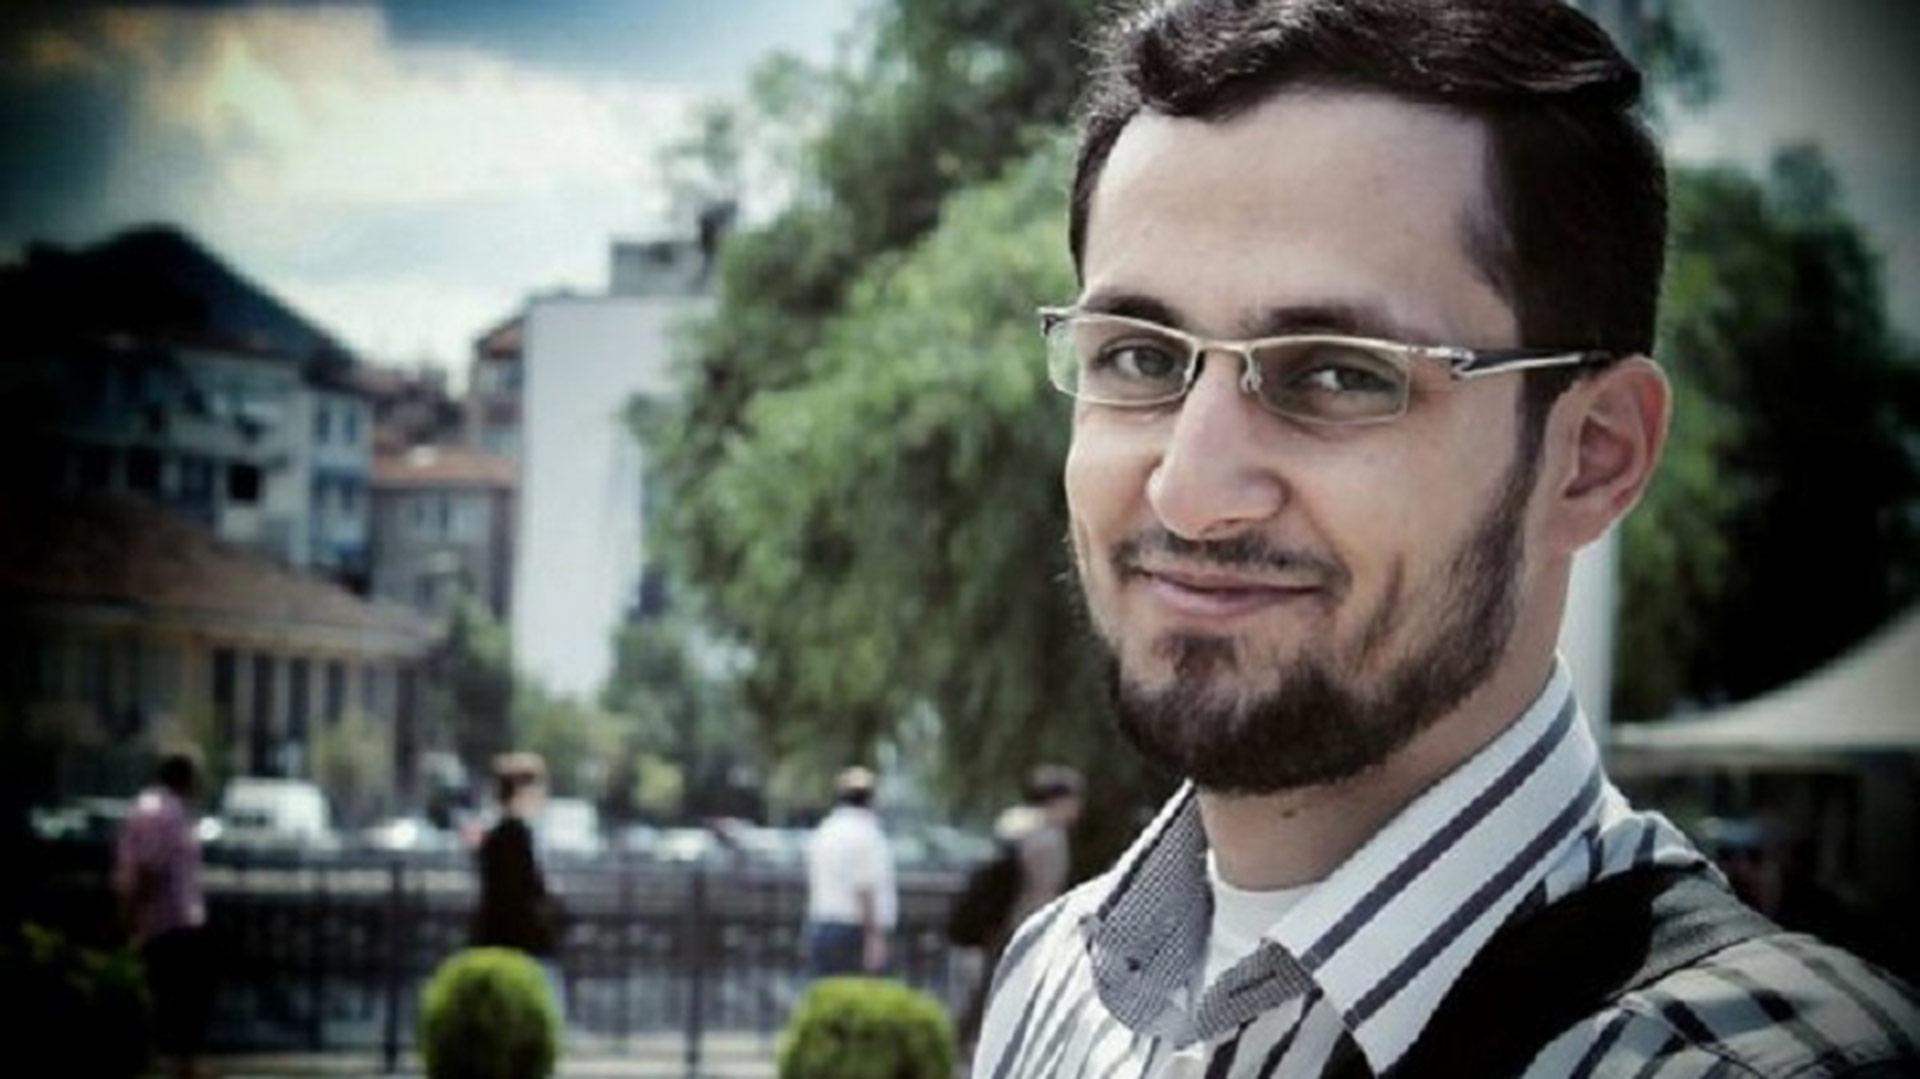 Rayan Mashaal comenzó siendo un rebelde frente al régimen de Bashar al Asad y se unió al ISIS en 2013 (South Front)